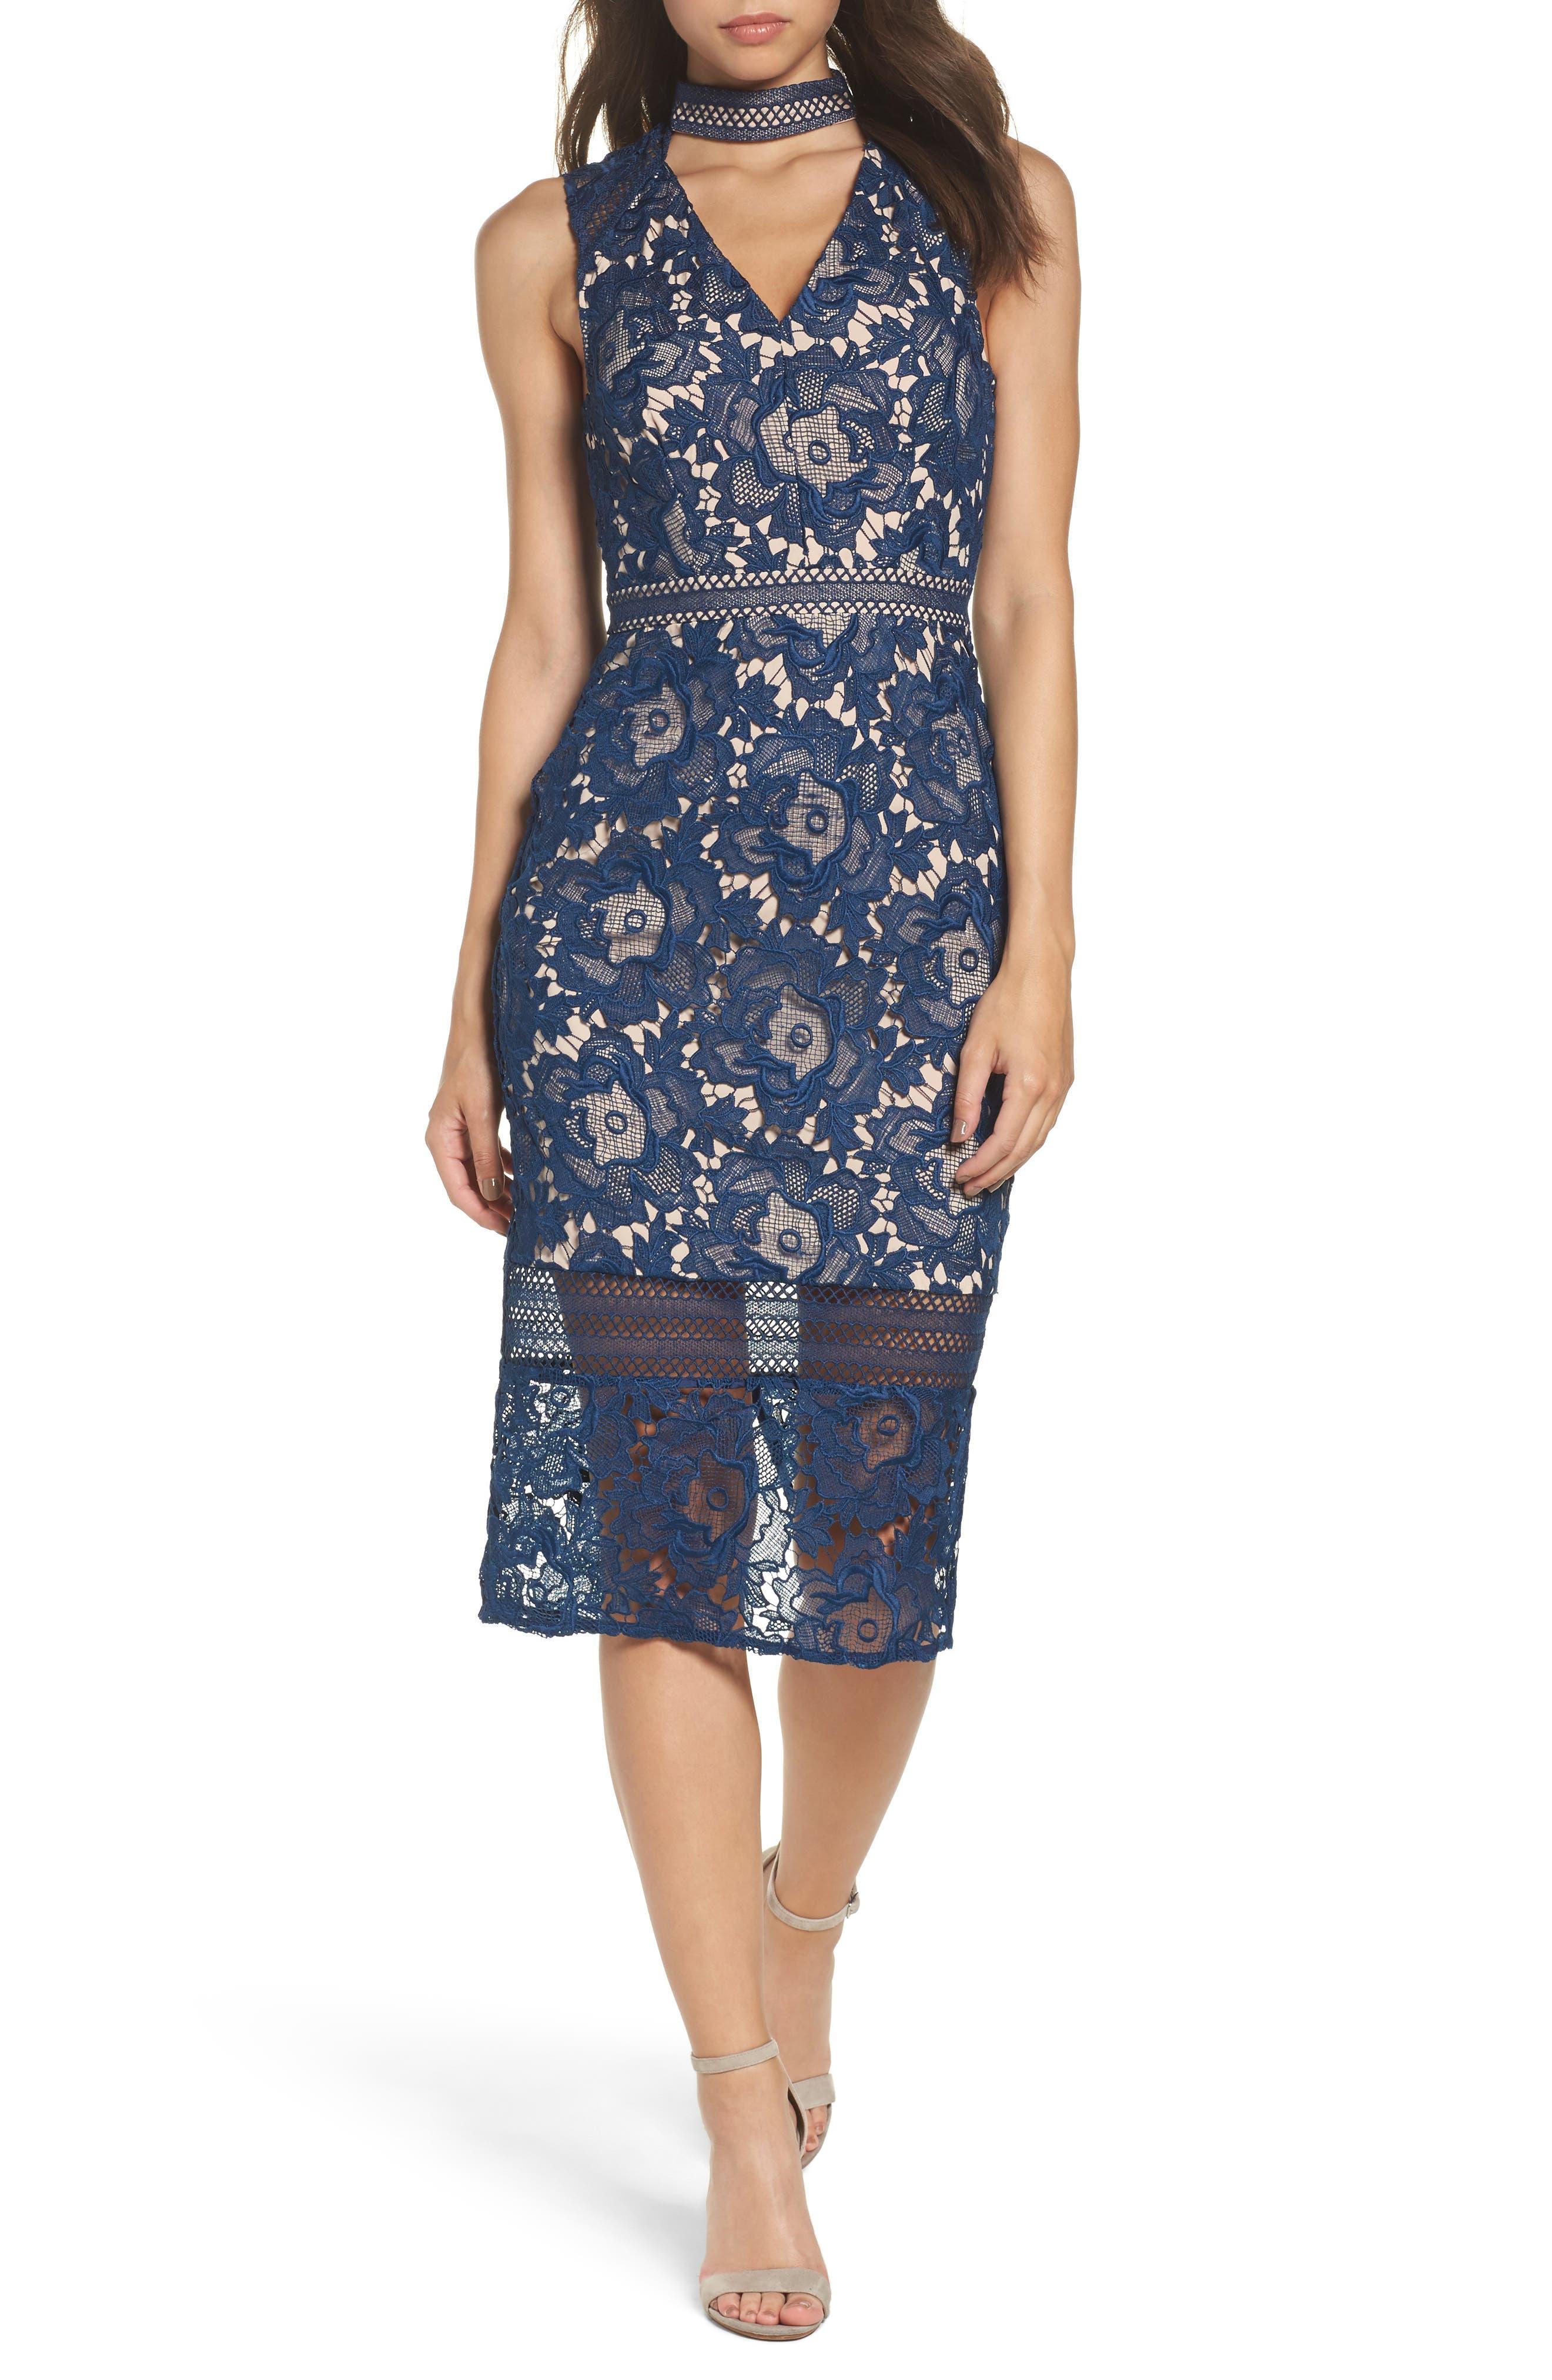 Alessandra Lace Choker Midi Dress,                         Main,                         color, Navy